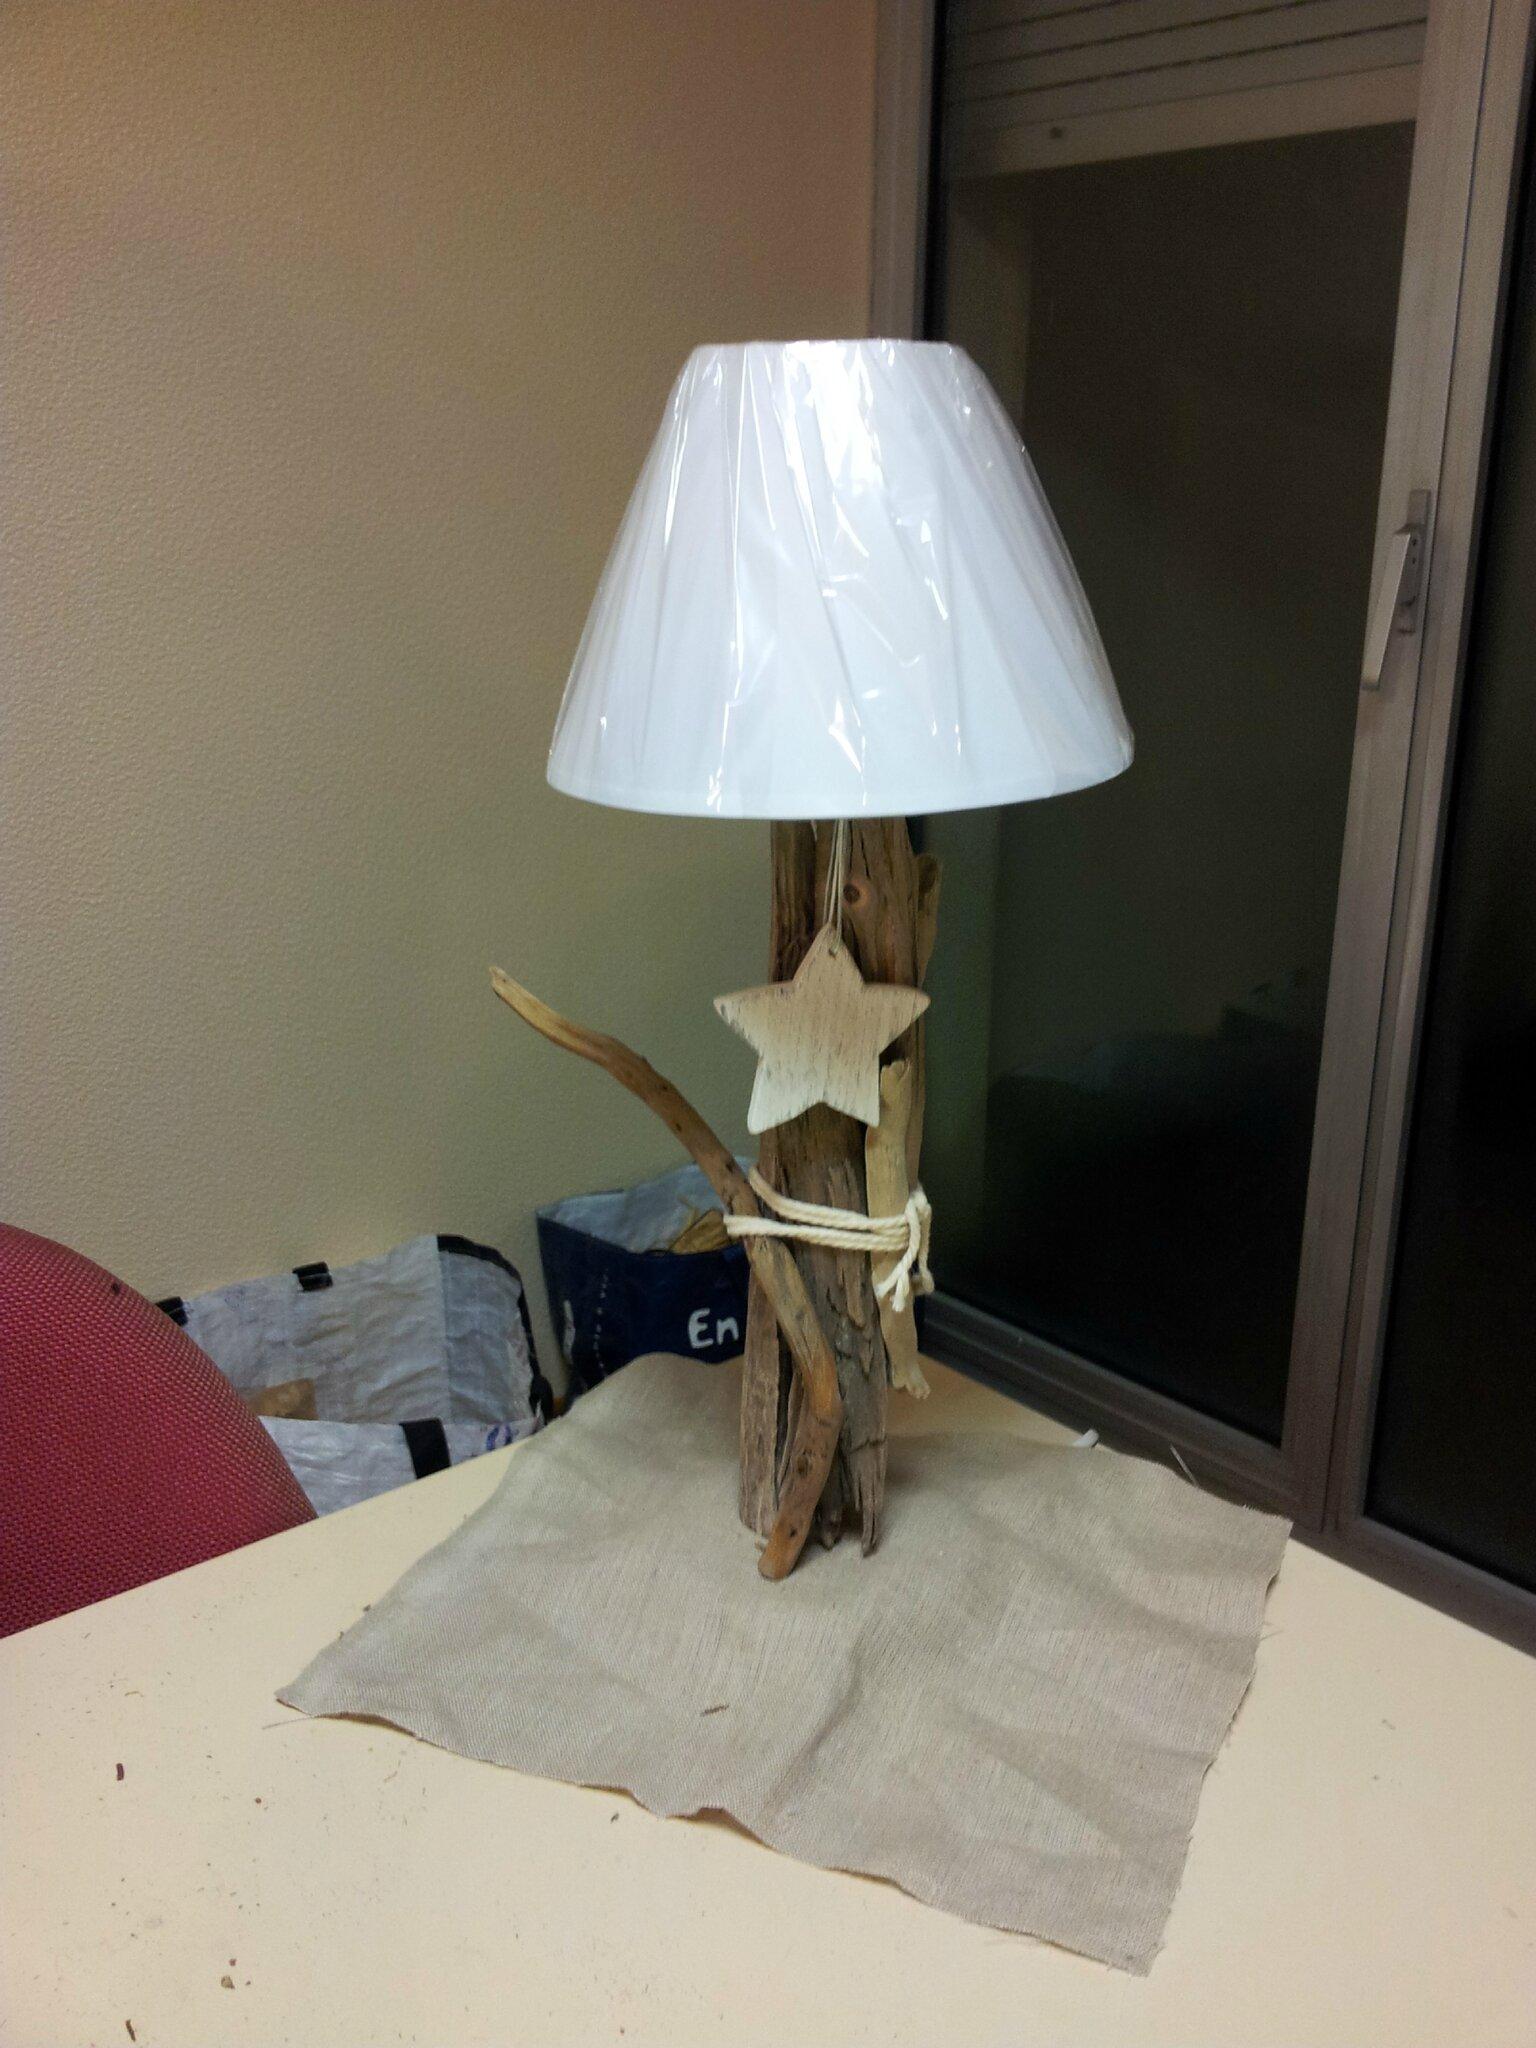 Comment Customiser Une Lampe De Chevet customiser une lampe de chevet - section loisirs créatifs - caen